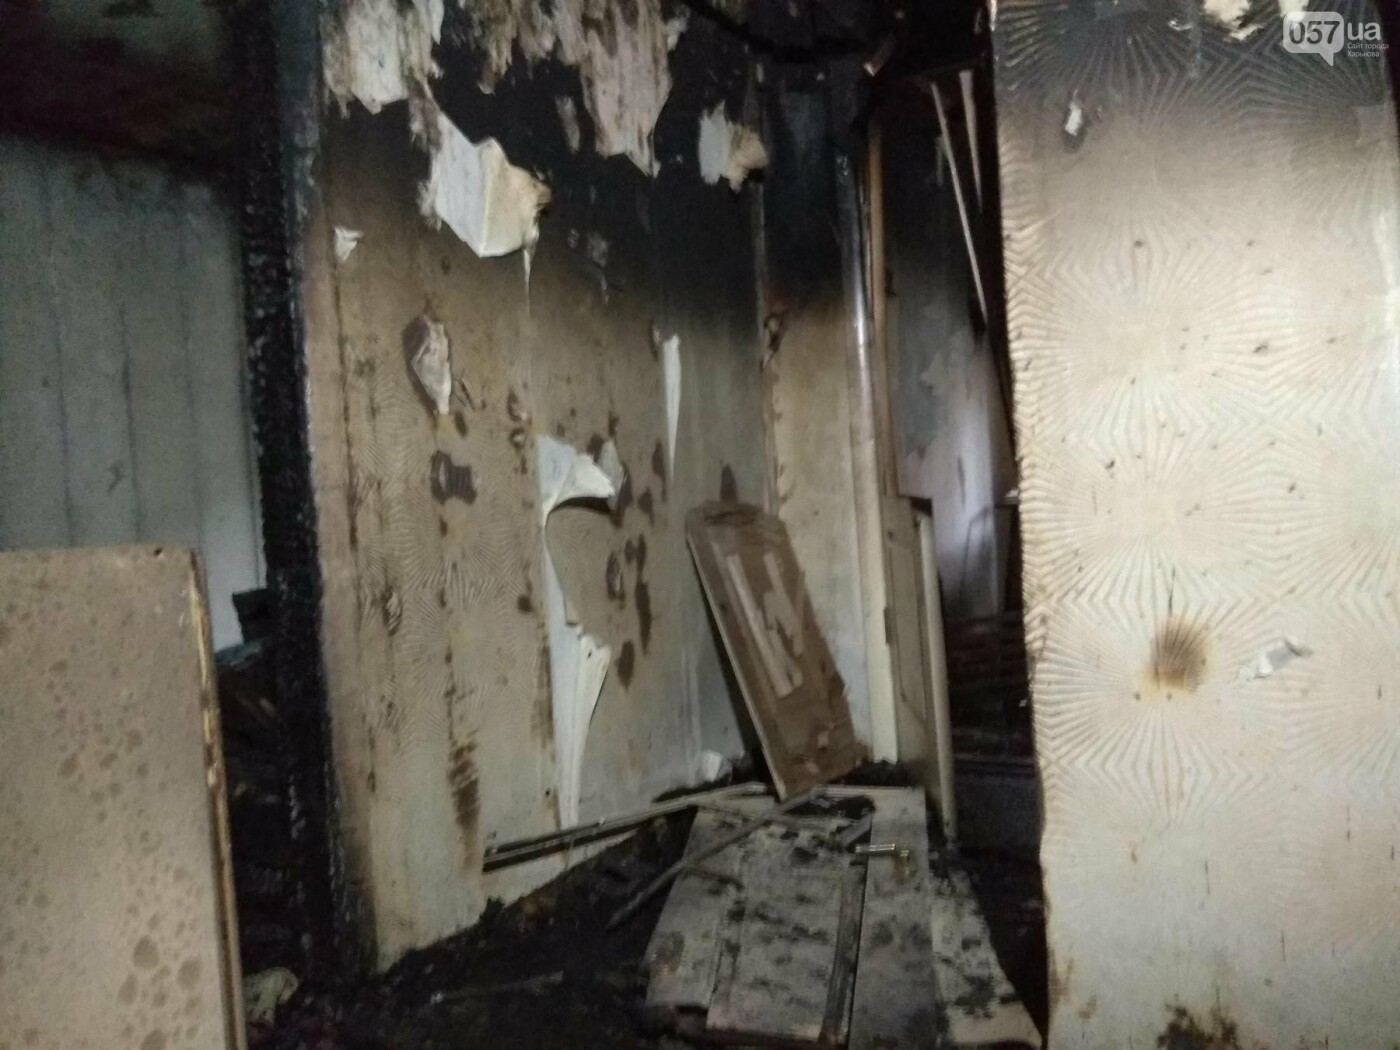 В Харькове ремонтируют многоэтажку на Танкопия, где произошел взрыв, - ФОТО, фото-1